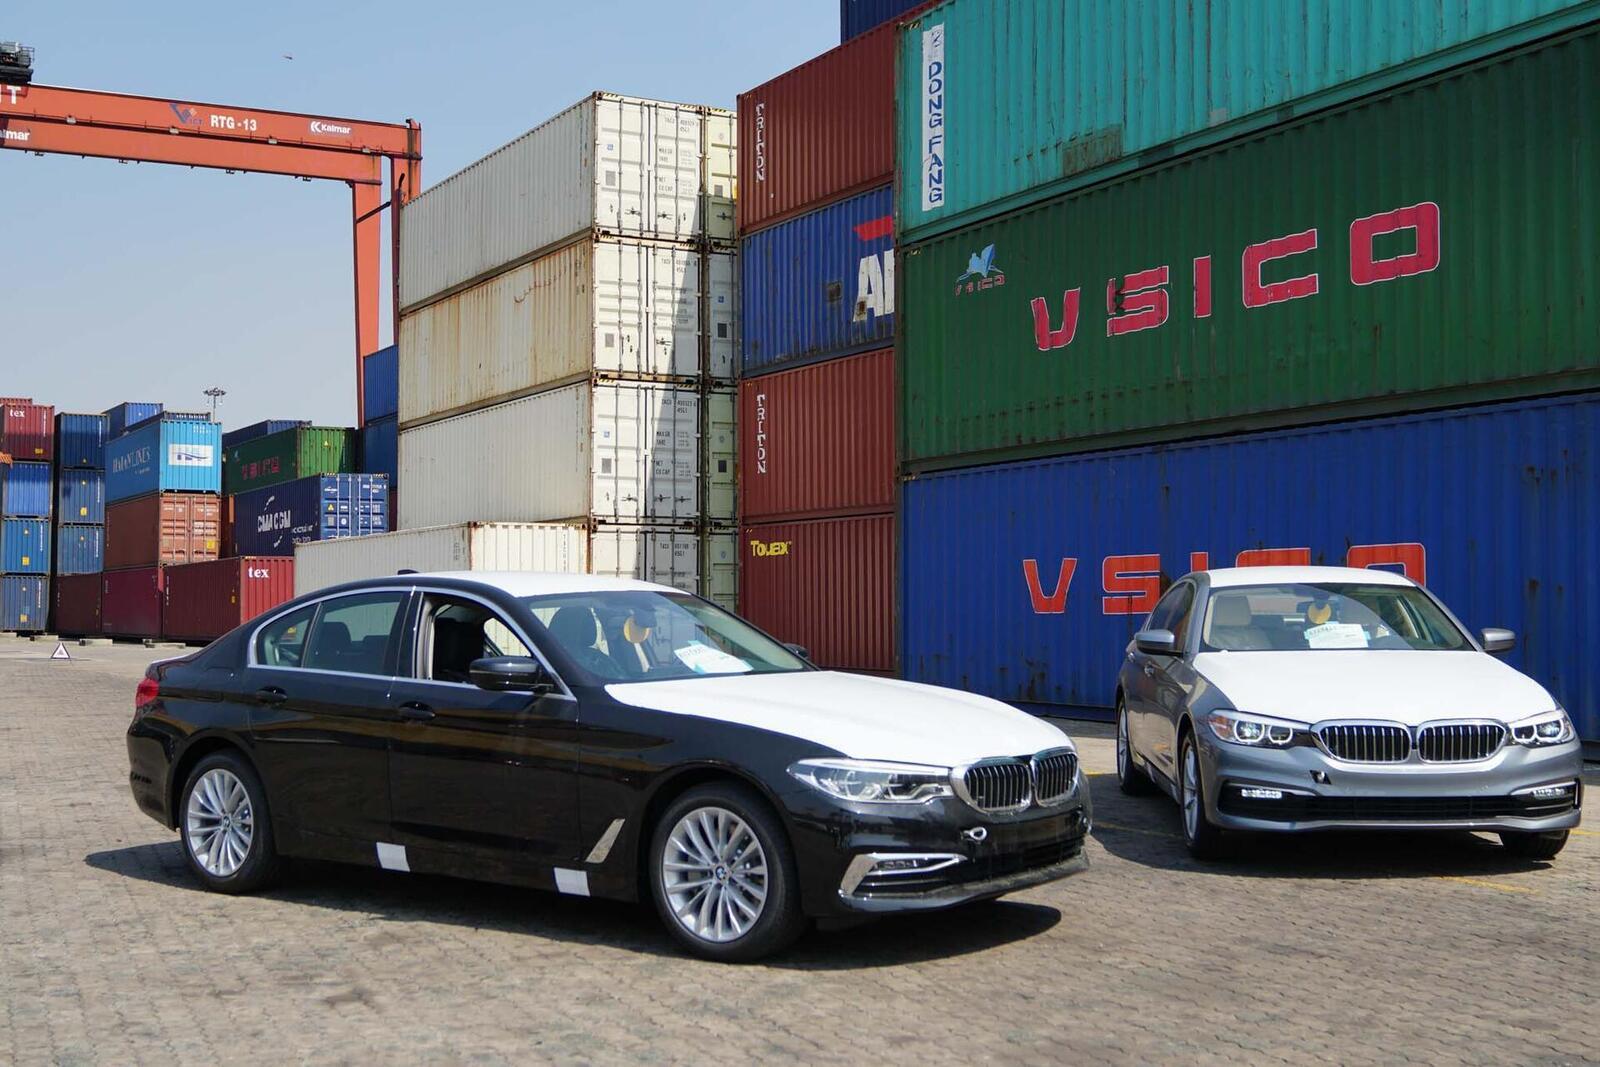 Cận cảnh BMW 5-Series mới (G30) vừa cập cảng tại Việt Nam - Hình 2